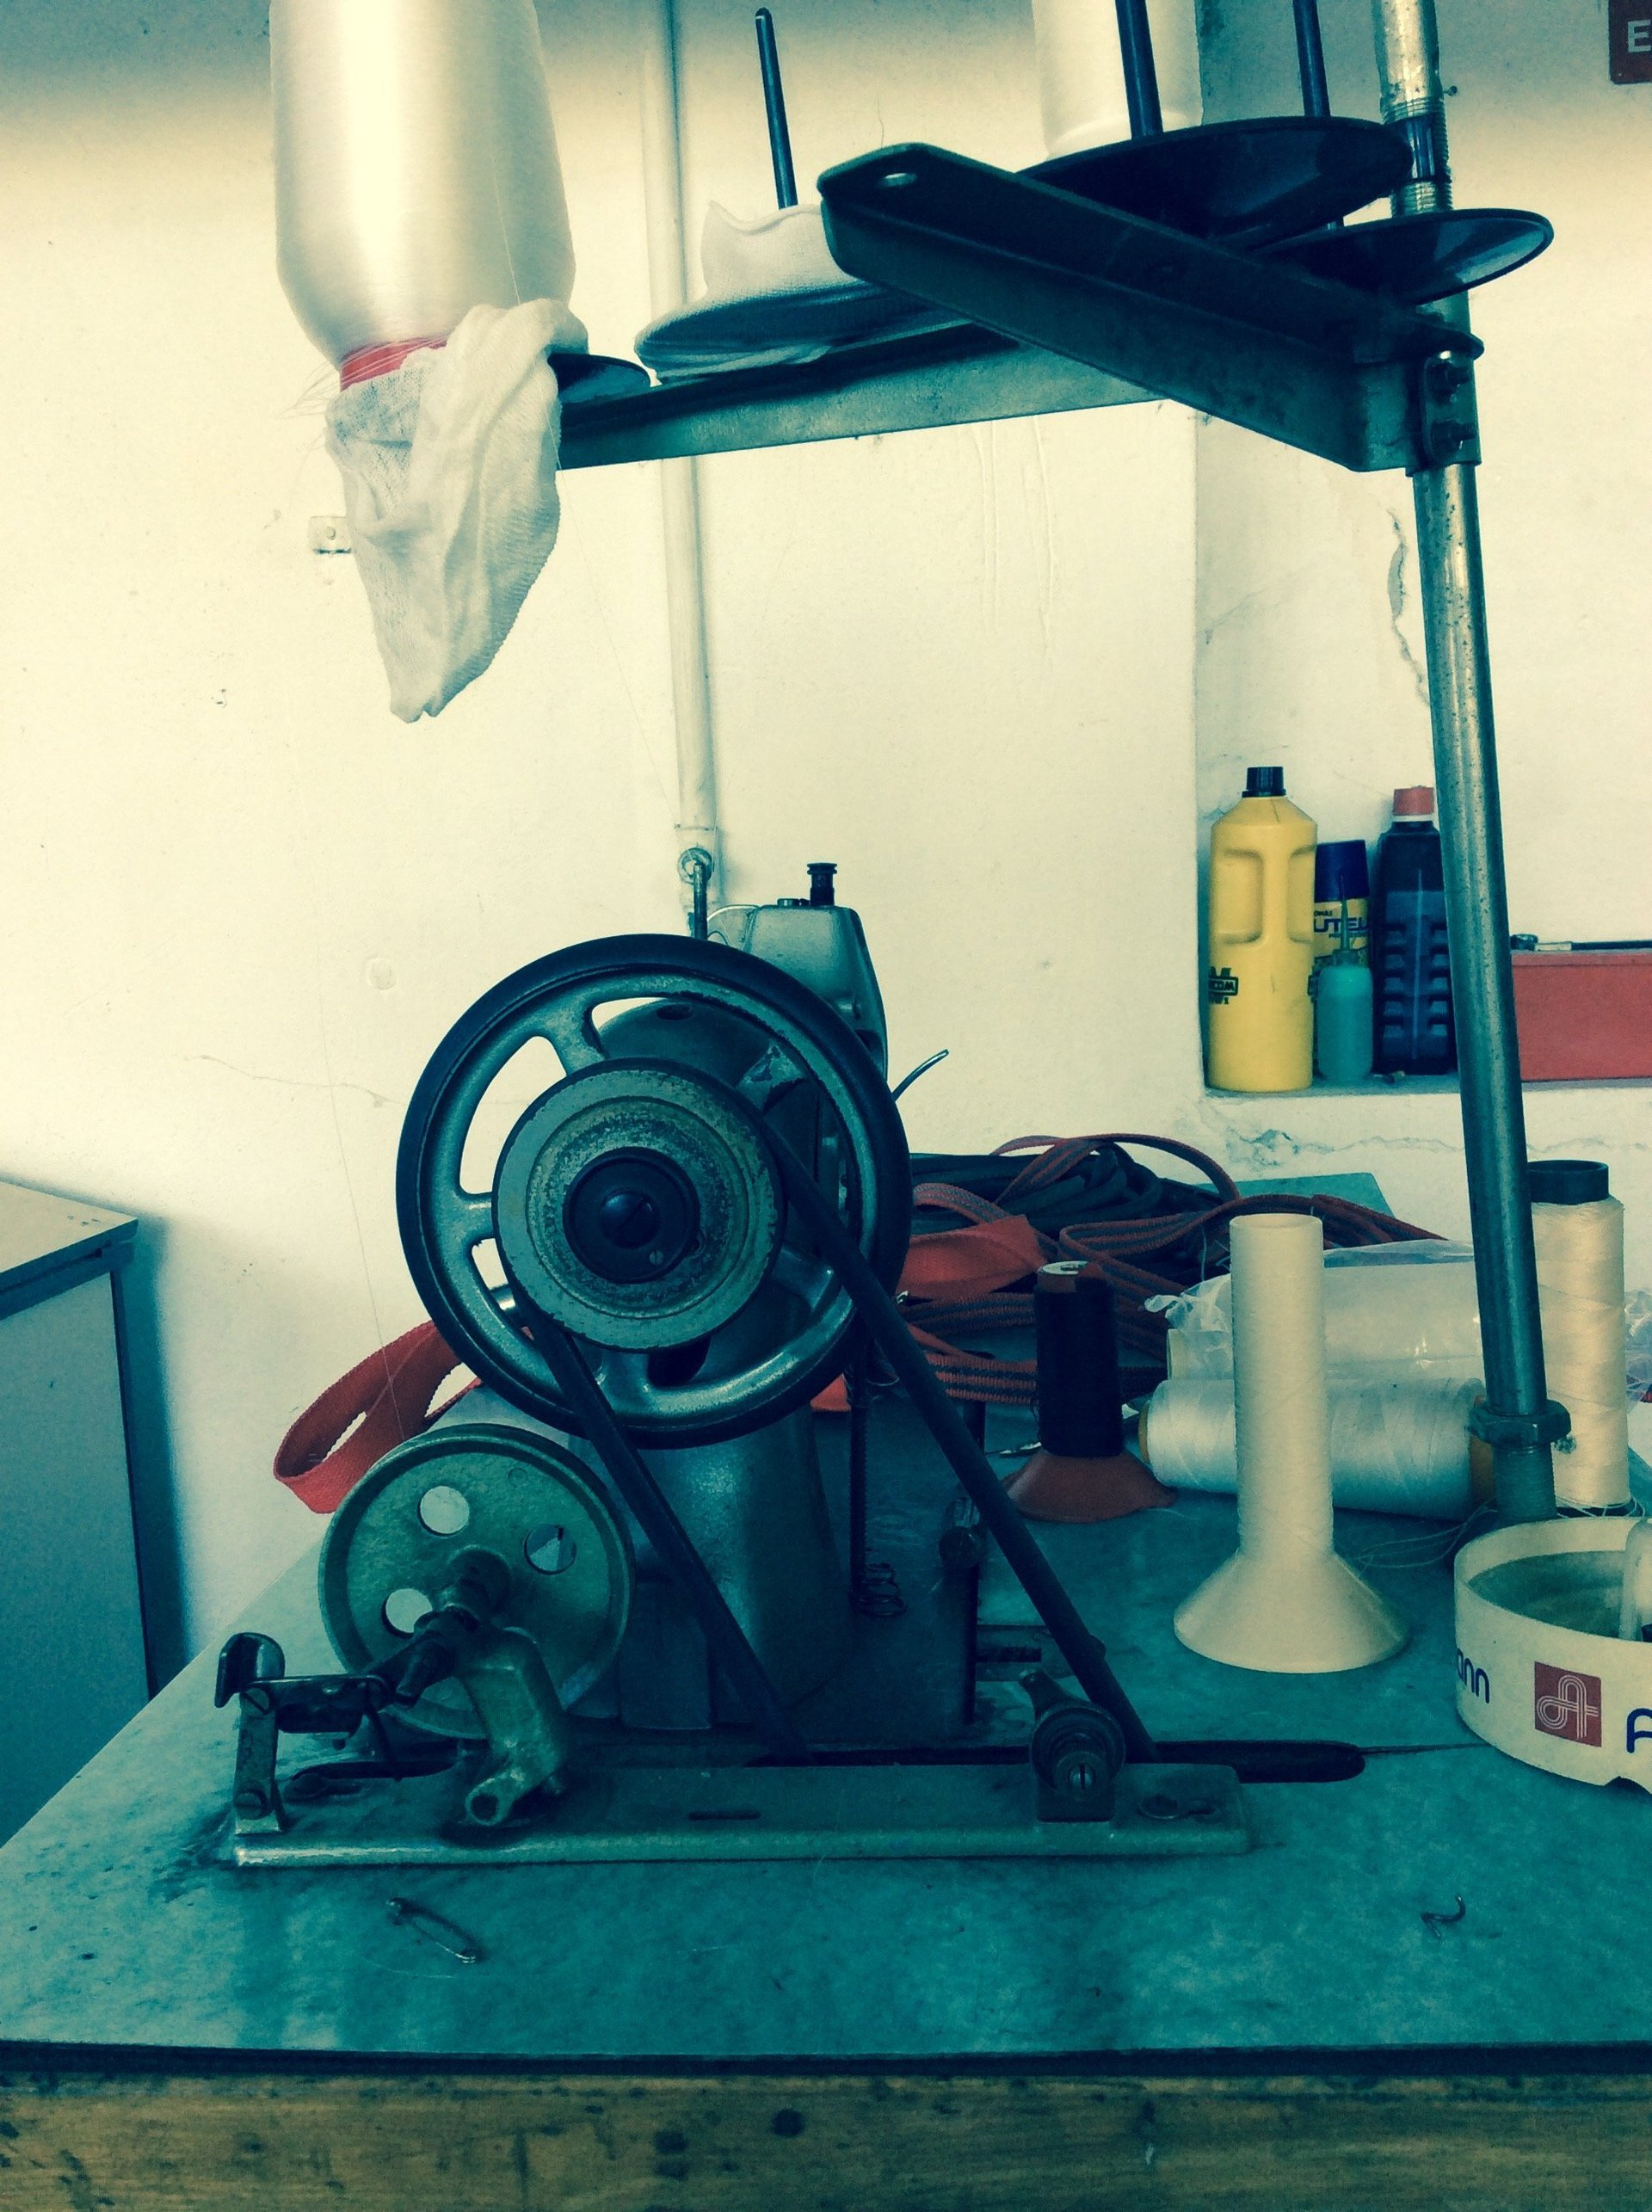 macchinario industriale per cuciture